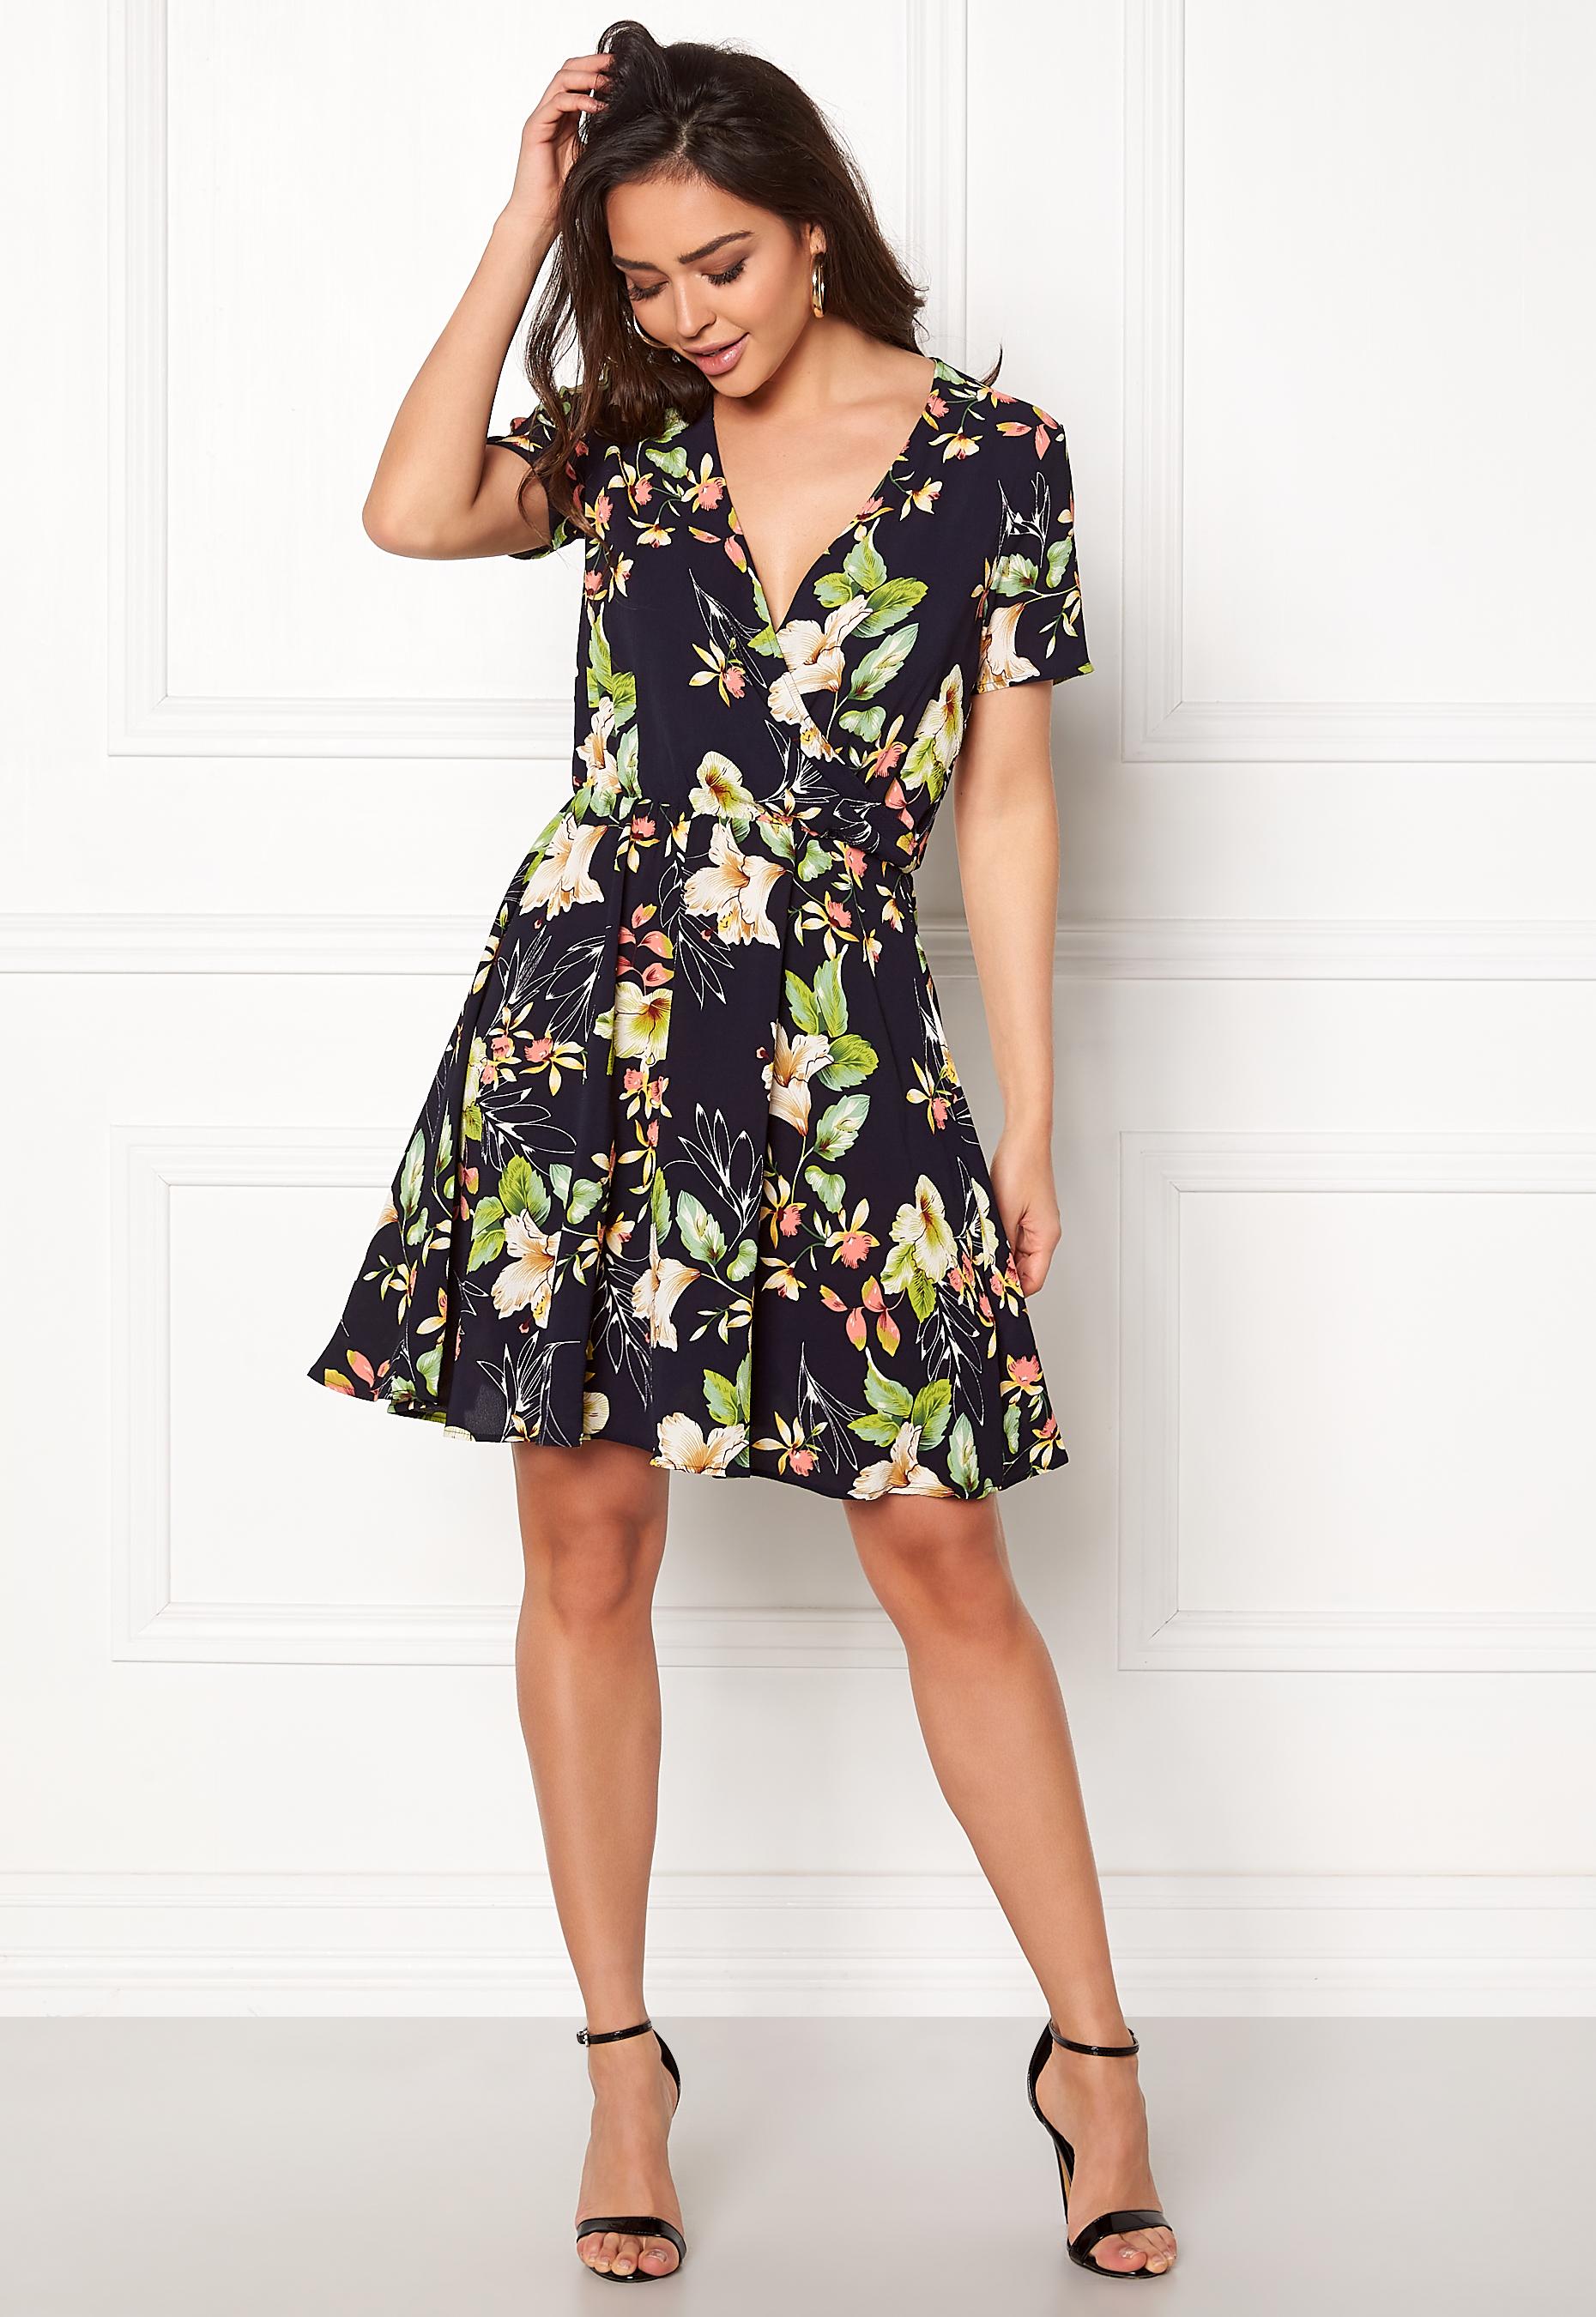 Dress Ss Jacqueline Yong Bubbleroom De Trick Sky Night pwpHIzq